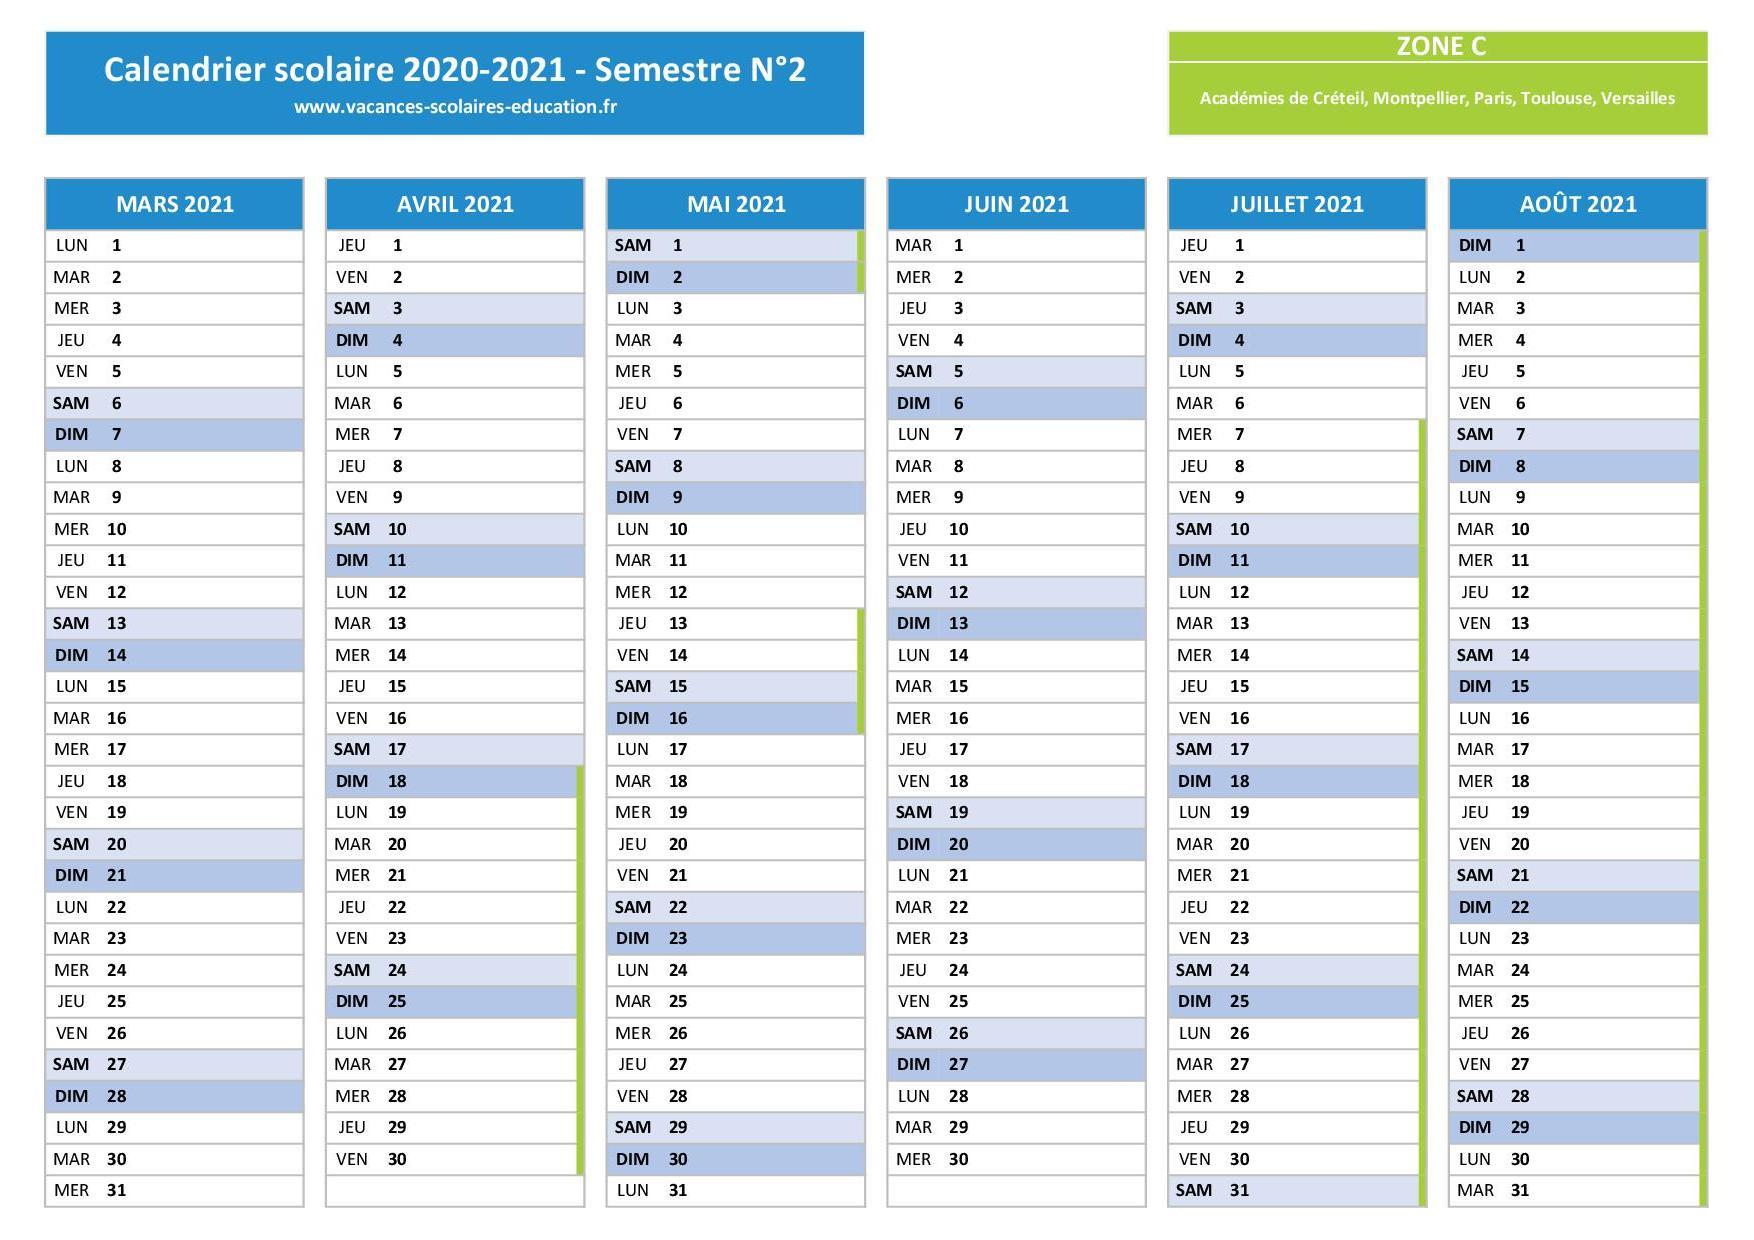 Calendrier scolaire 2020 2021 à imprimer